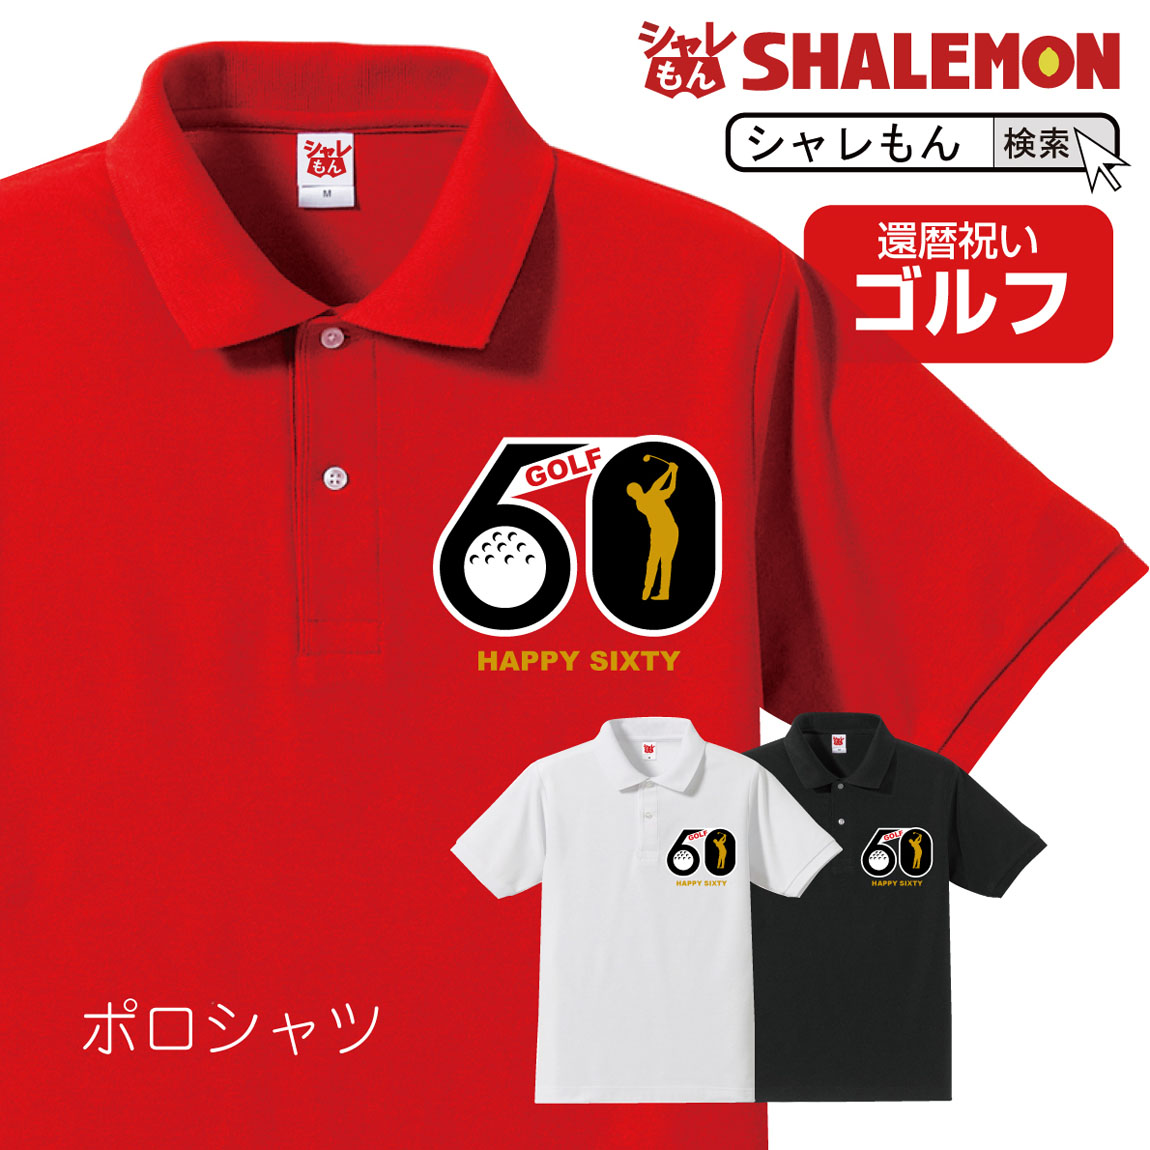 還暦祝い 還暦 男性 女性 父 母 ポロシャツ 【 フラッグゴルフ60 】還暦 赤い プレゼント tシャツ パンツ ちゃんちゃんこ の代わり